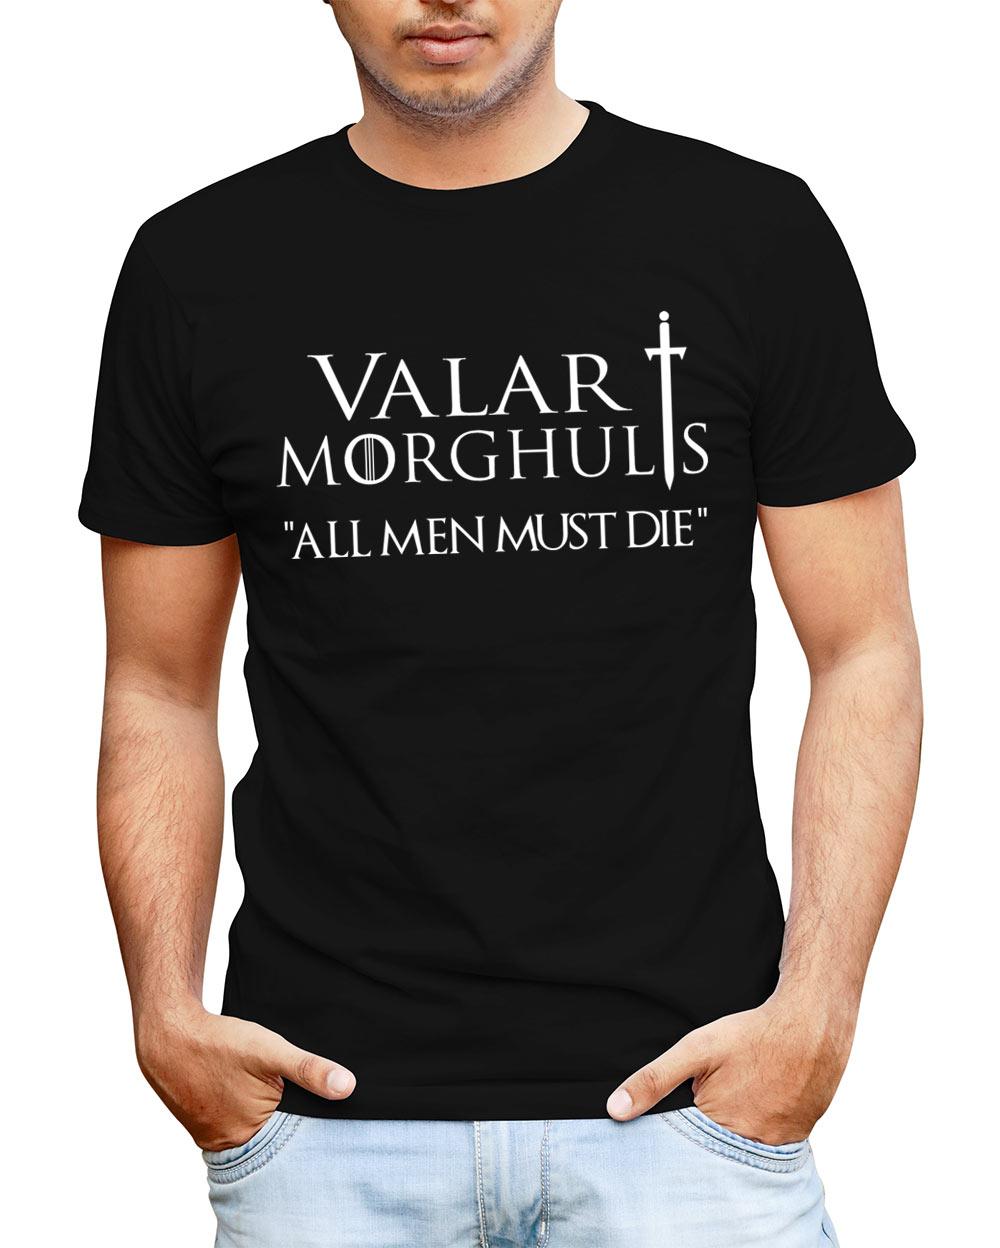 Camiseta Juego de Tronos Valar Morghulis. Modelo 1